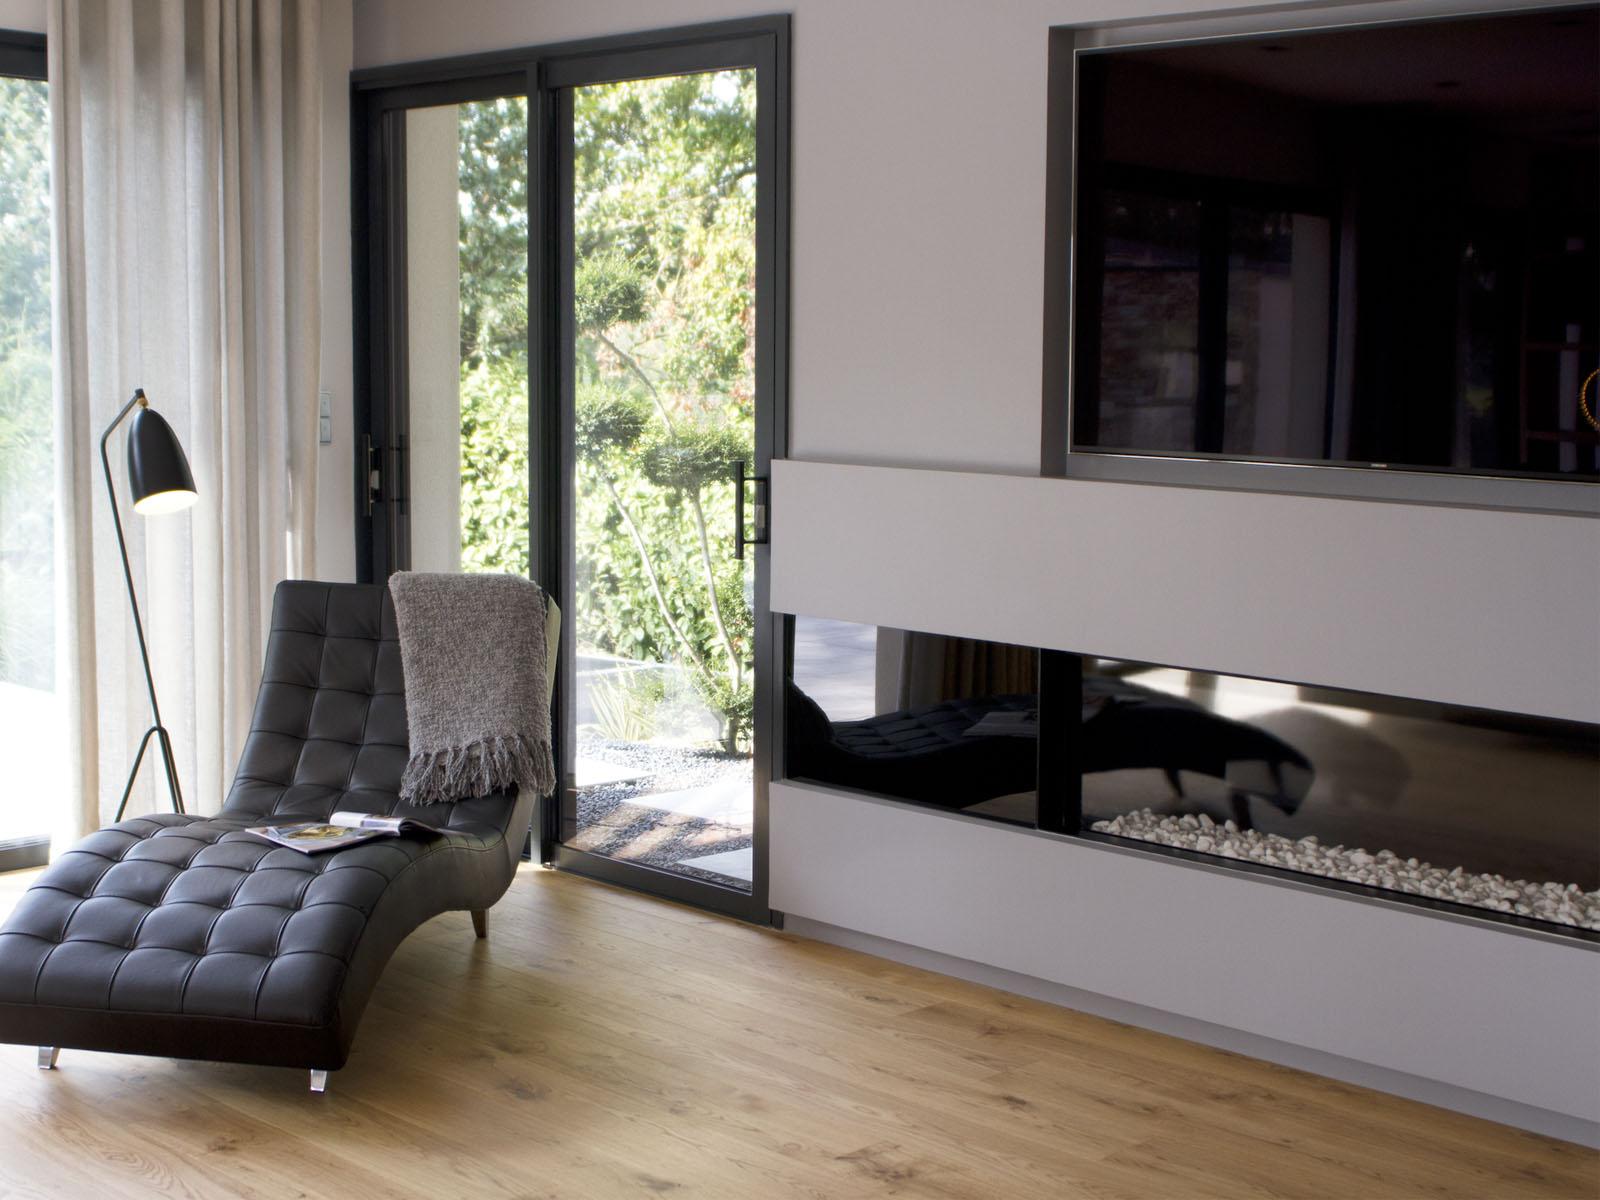 decorateur interieur rennes porte interieur avec luminaire design cuisine inspirer porte. Black Bedroom Furniture Sets. Home Design Ideas